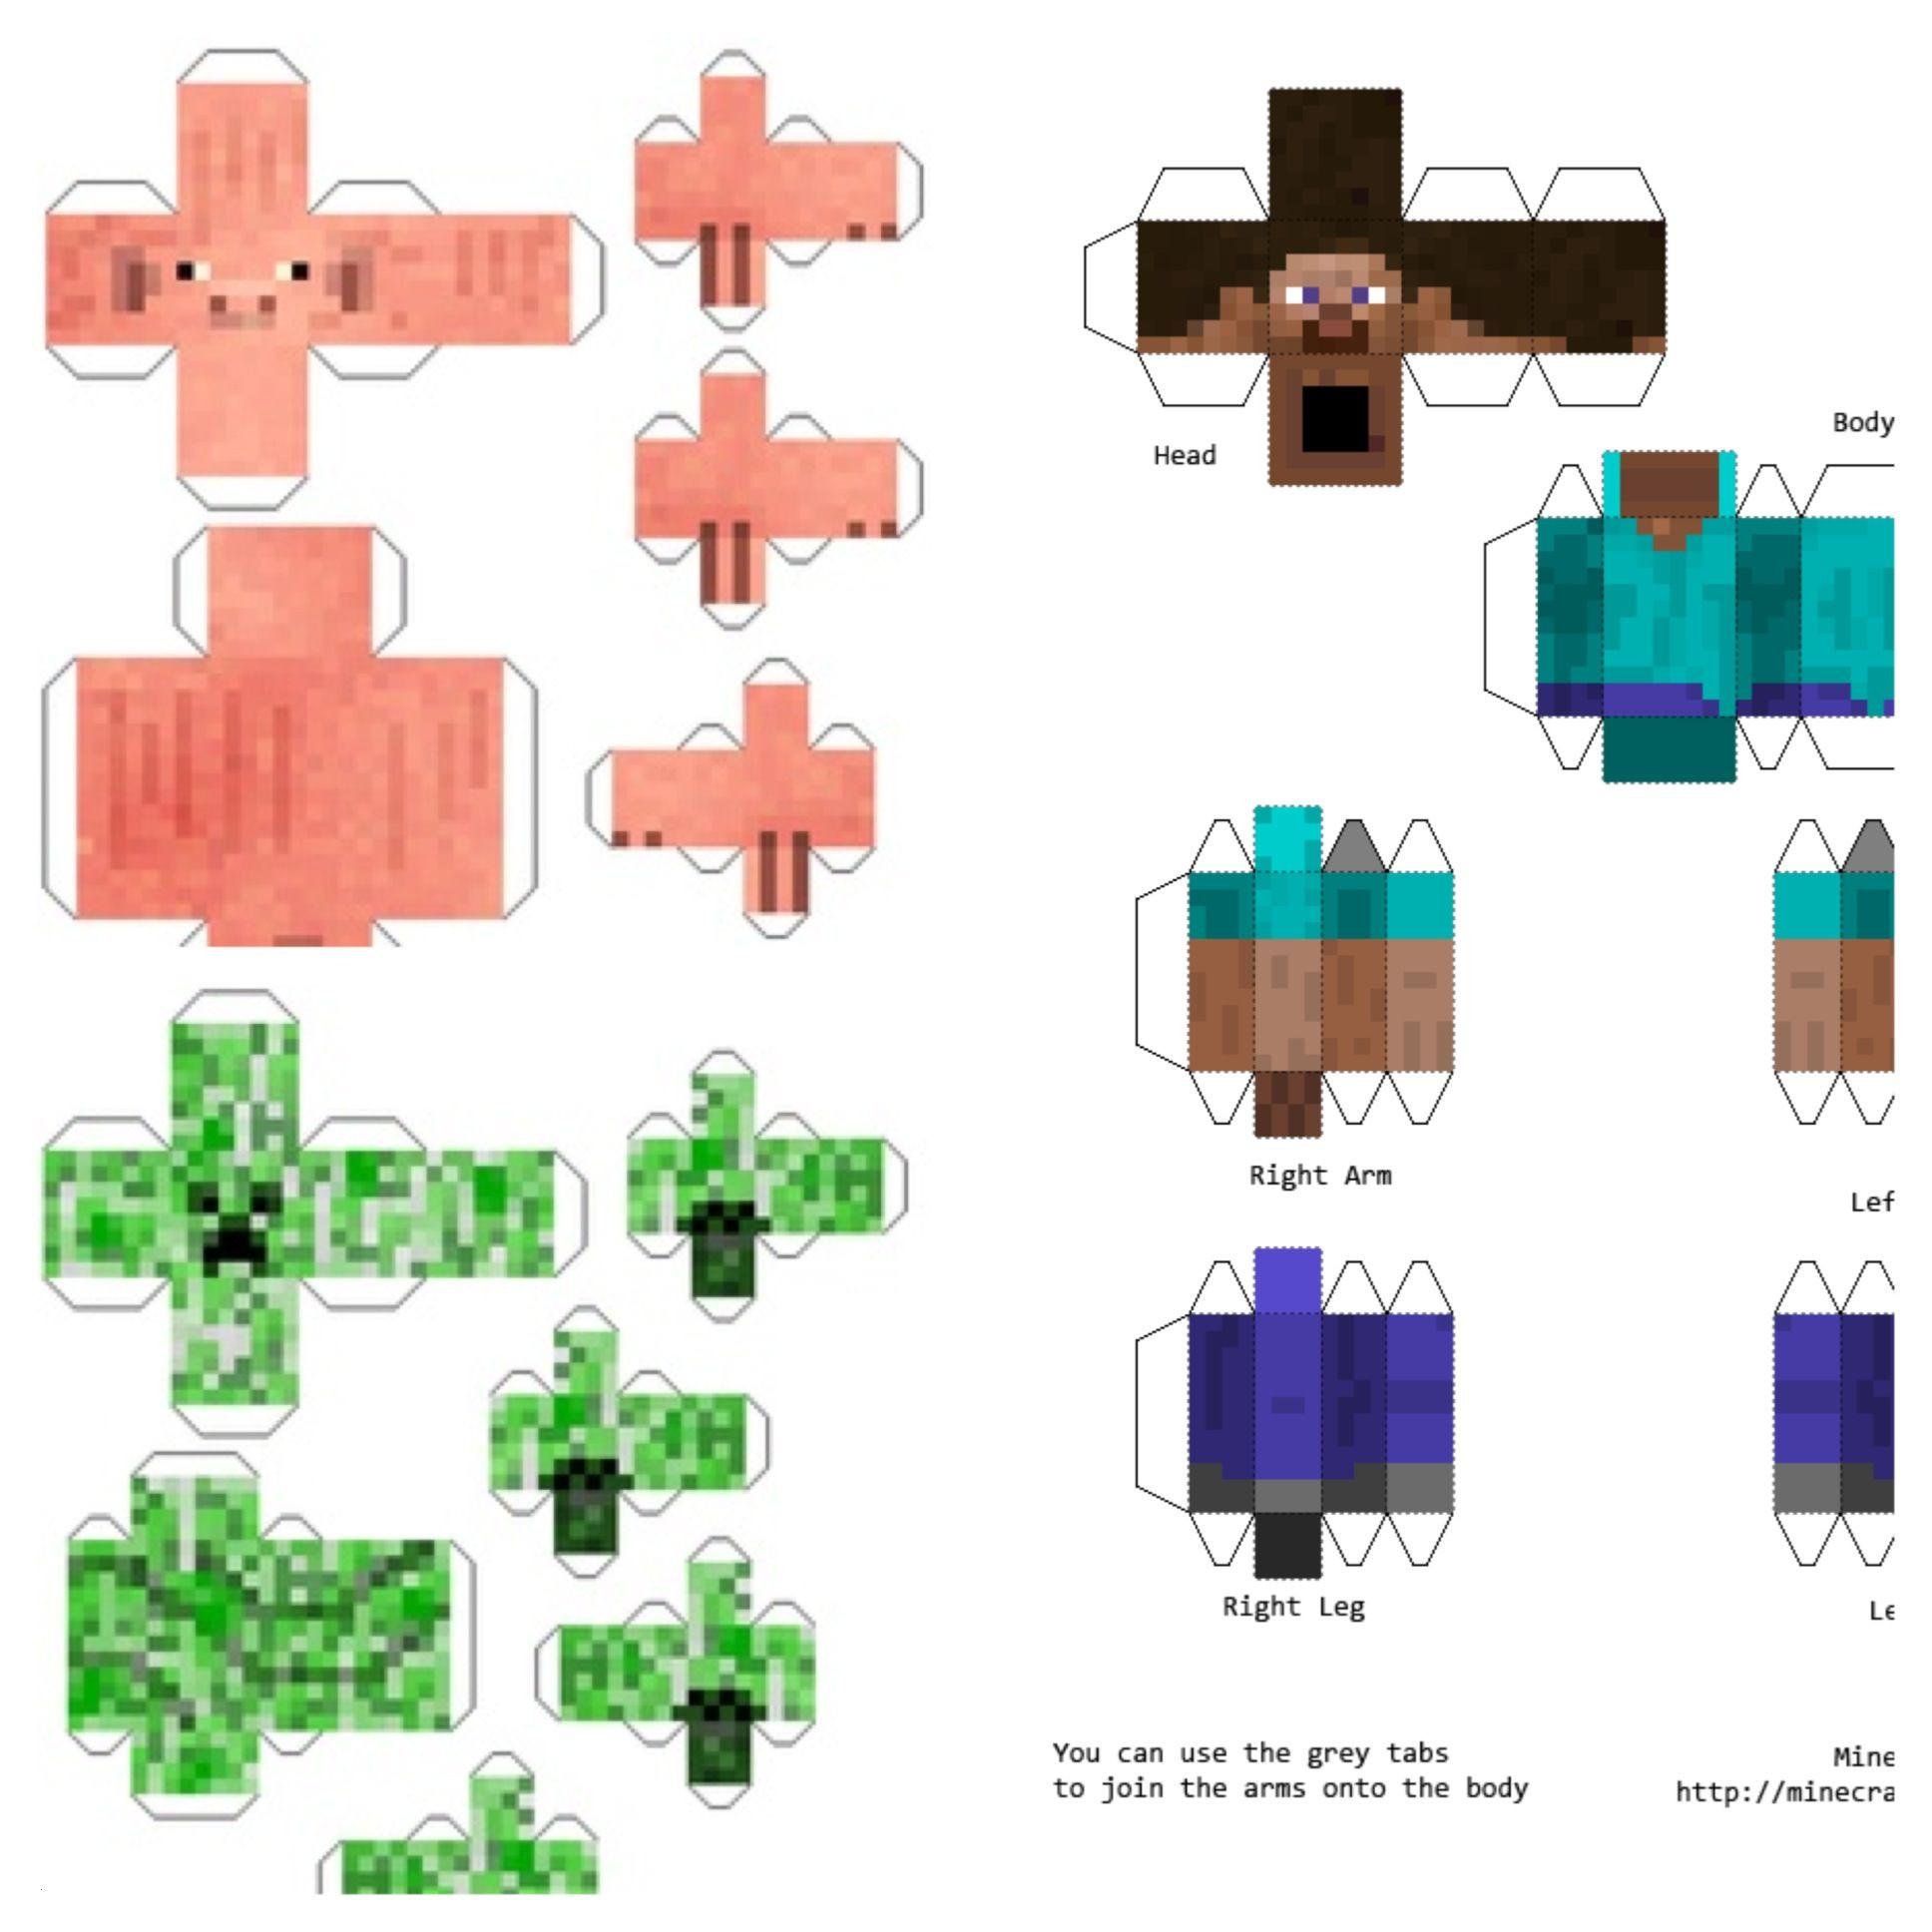 Ausmalbilder Von Minecraft Neu Einzigartig Ausmalbilder Minecraft Mobs Art Von Malvorlagen Elegant Stock